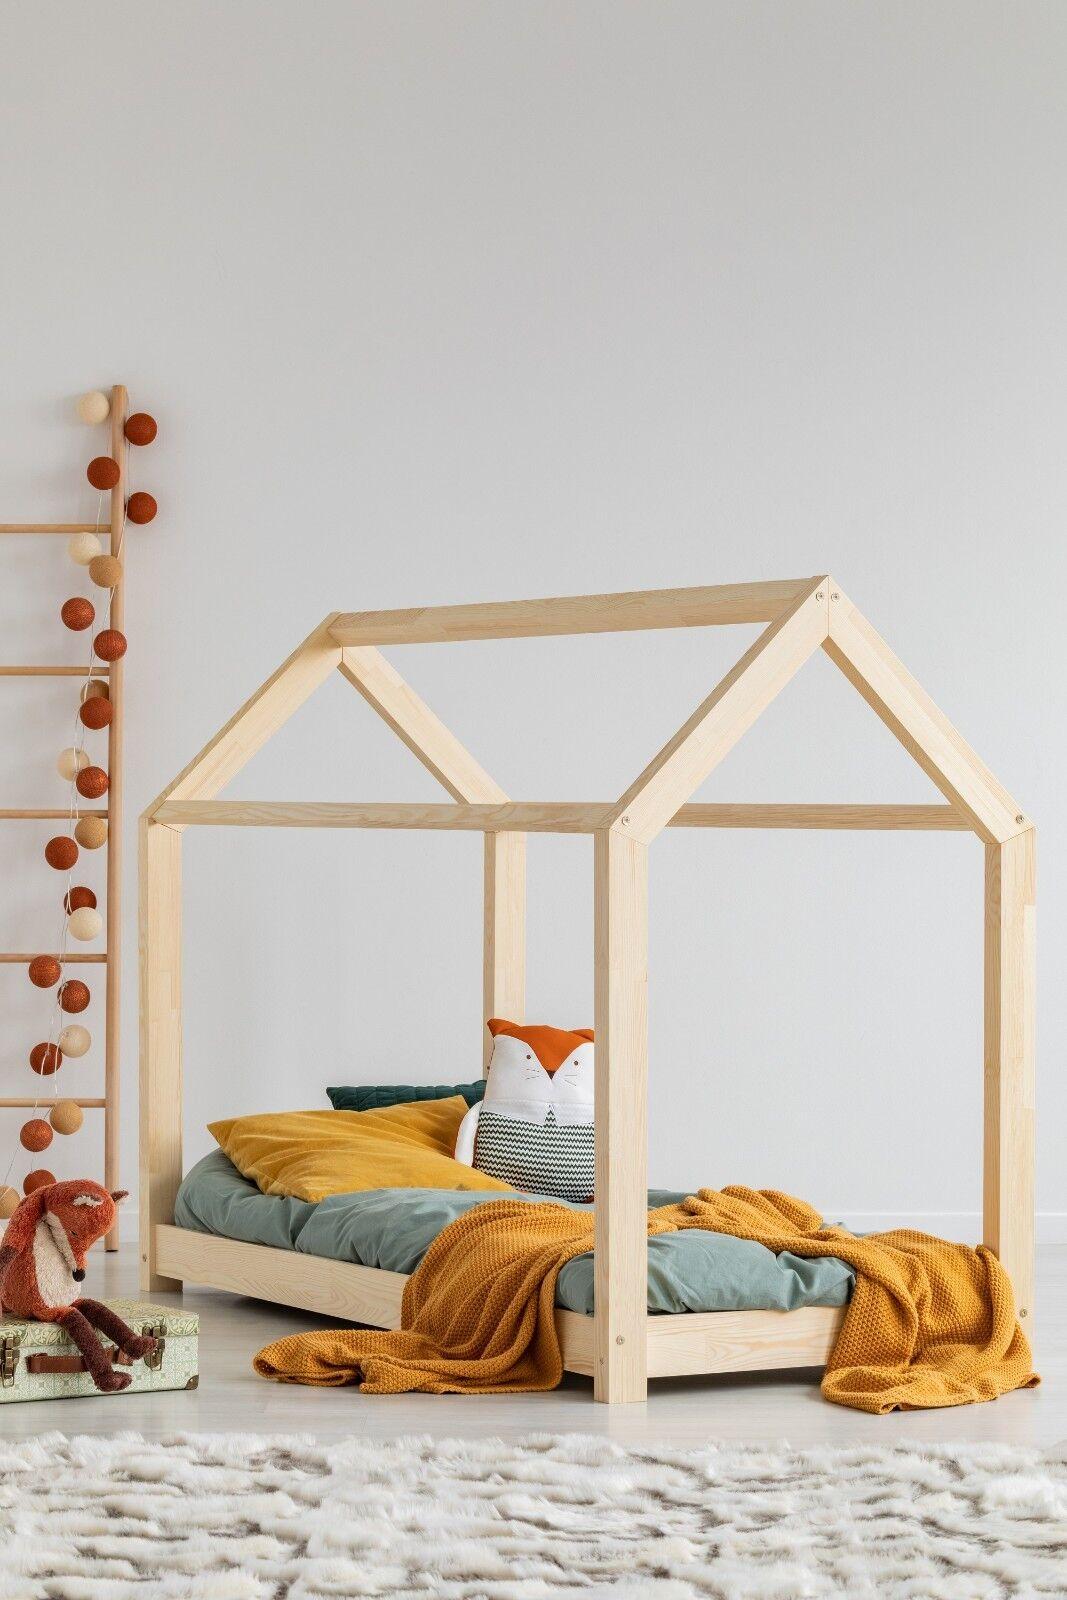 Enfants Lit Maison Cadre Lit 29 Dimensions Kids lit NOUVELLES VRAIES adeko